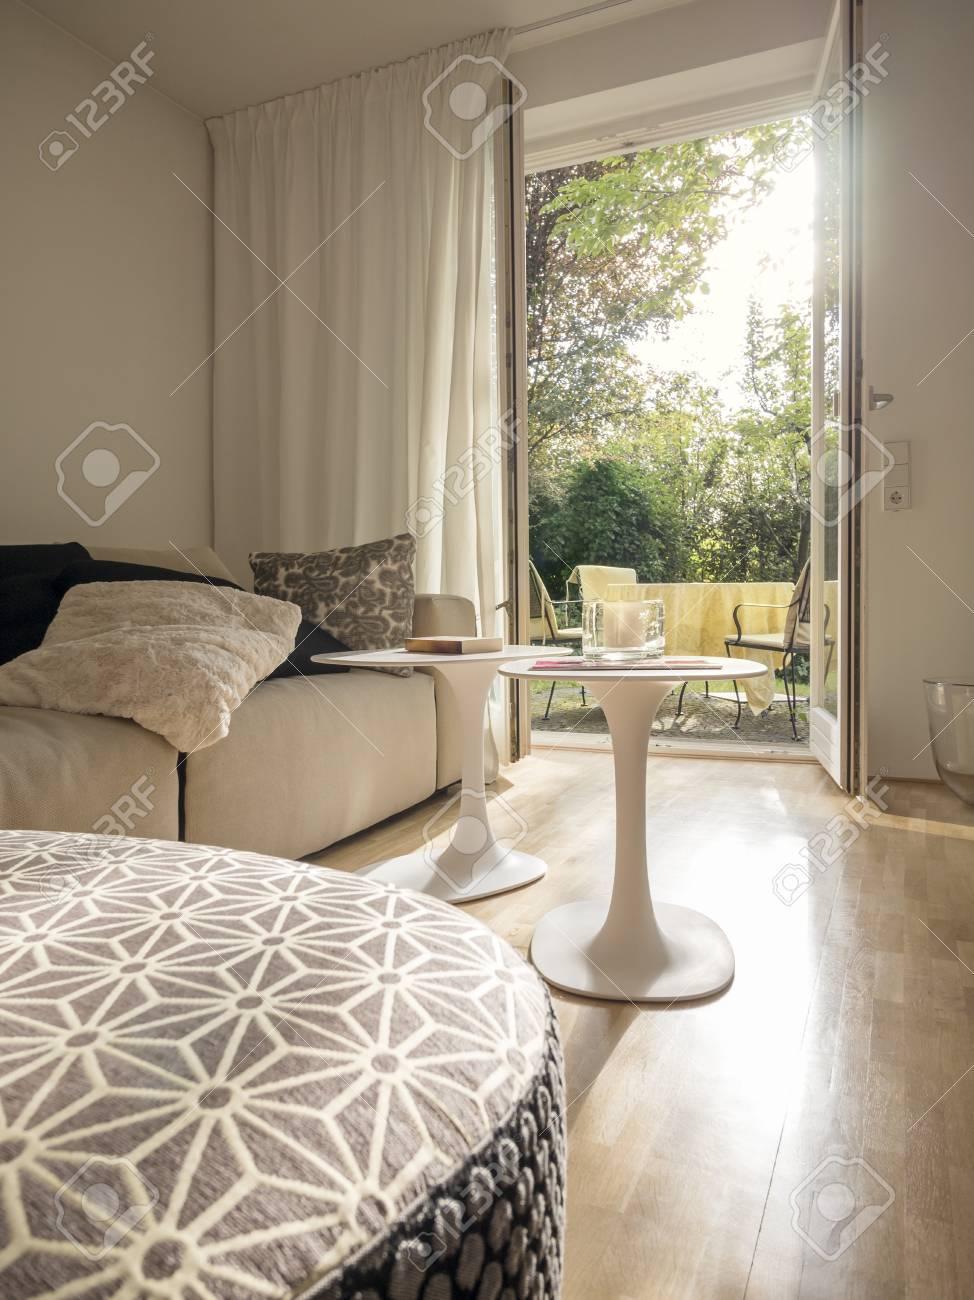 Modernes Wohnzimmer Mit Blick Durch Offene Terrassentür Lizenzfreie